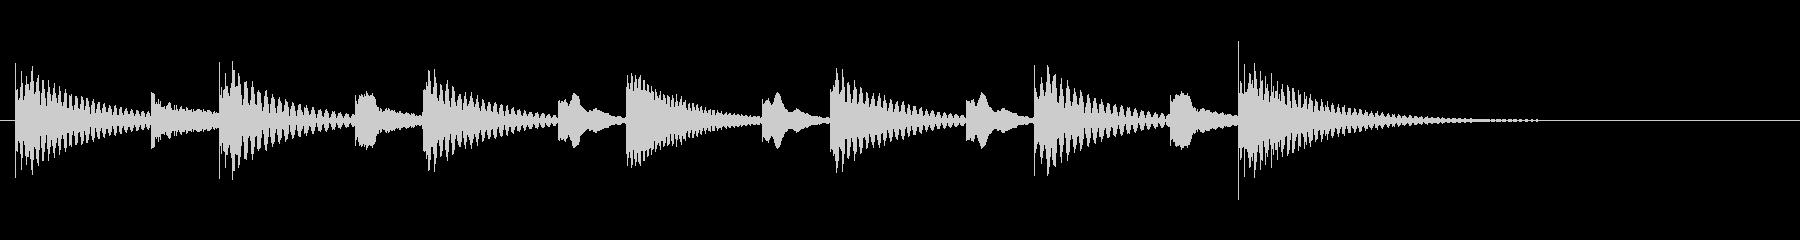 【マリンバ】明るくシンプルなジングルの未再生の波形